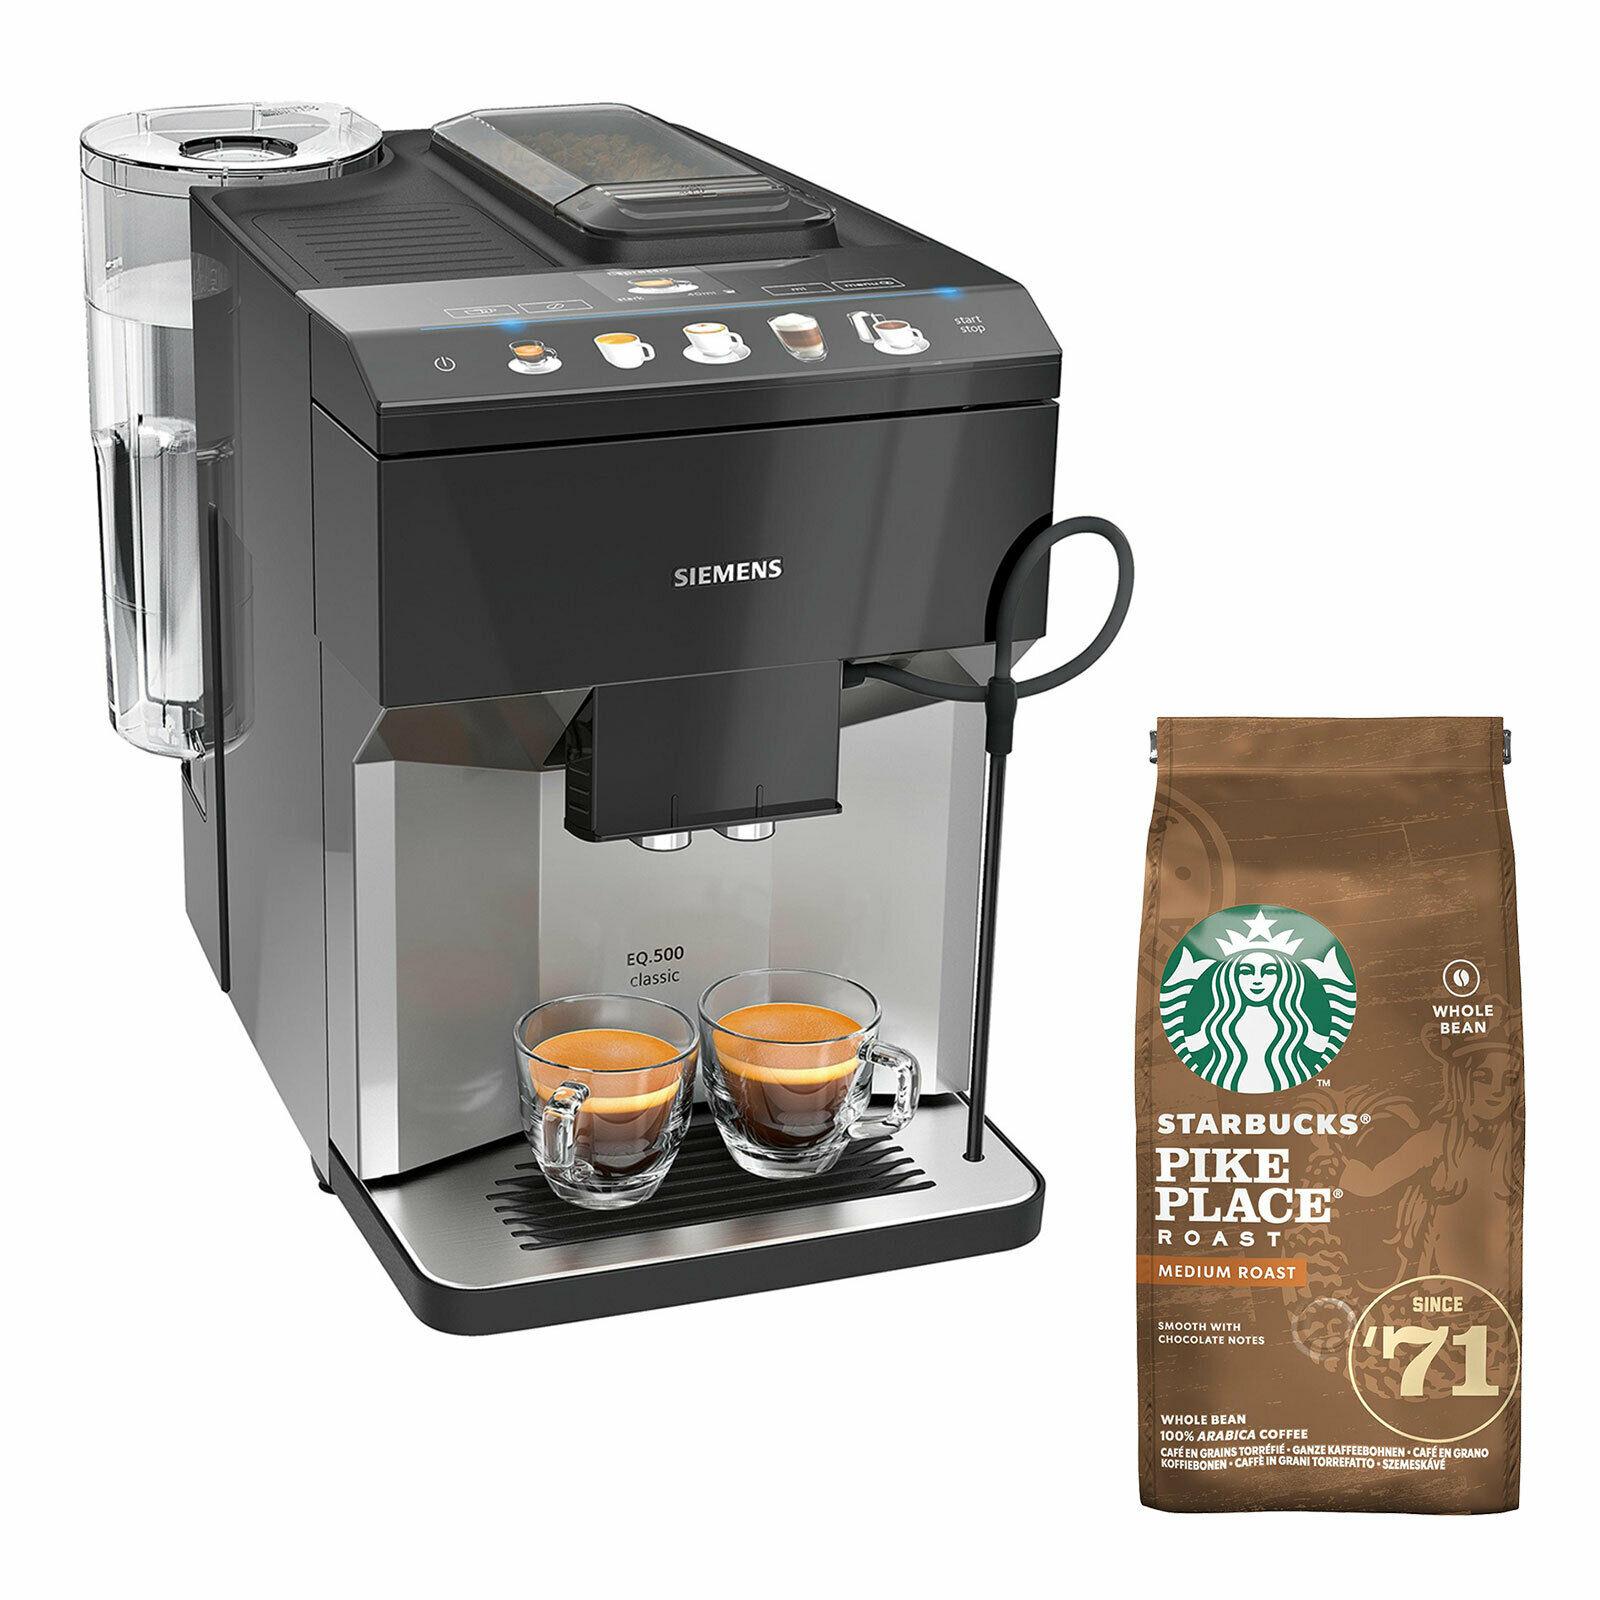 Bild zu Kaffeevollautomat Siemens TP503D04 EQ.500 Classic und 200 Gramm Starbucks Ganze Bohne Pike Place Roast für 449,91€ (Vergleich: 487,25€)